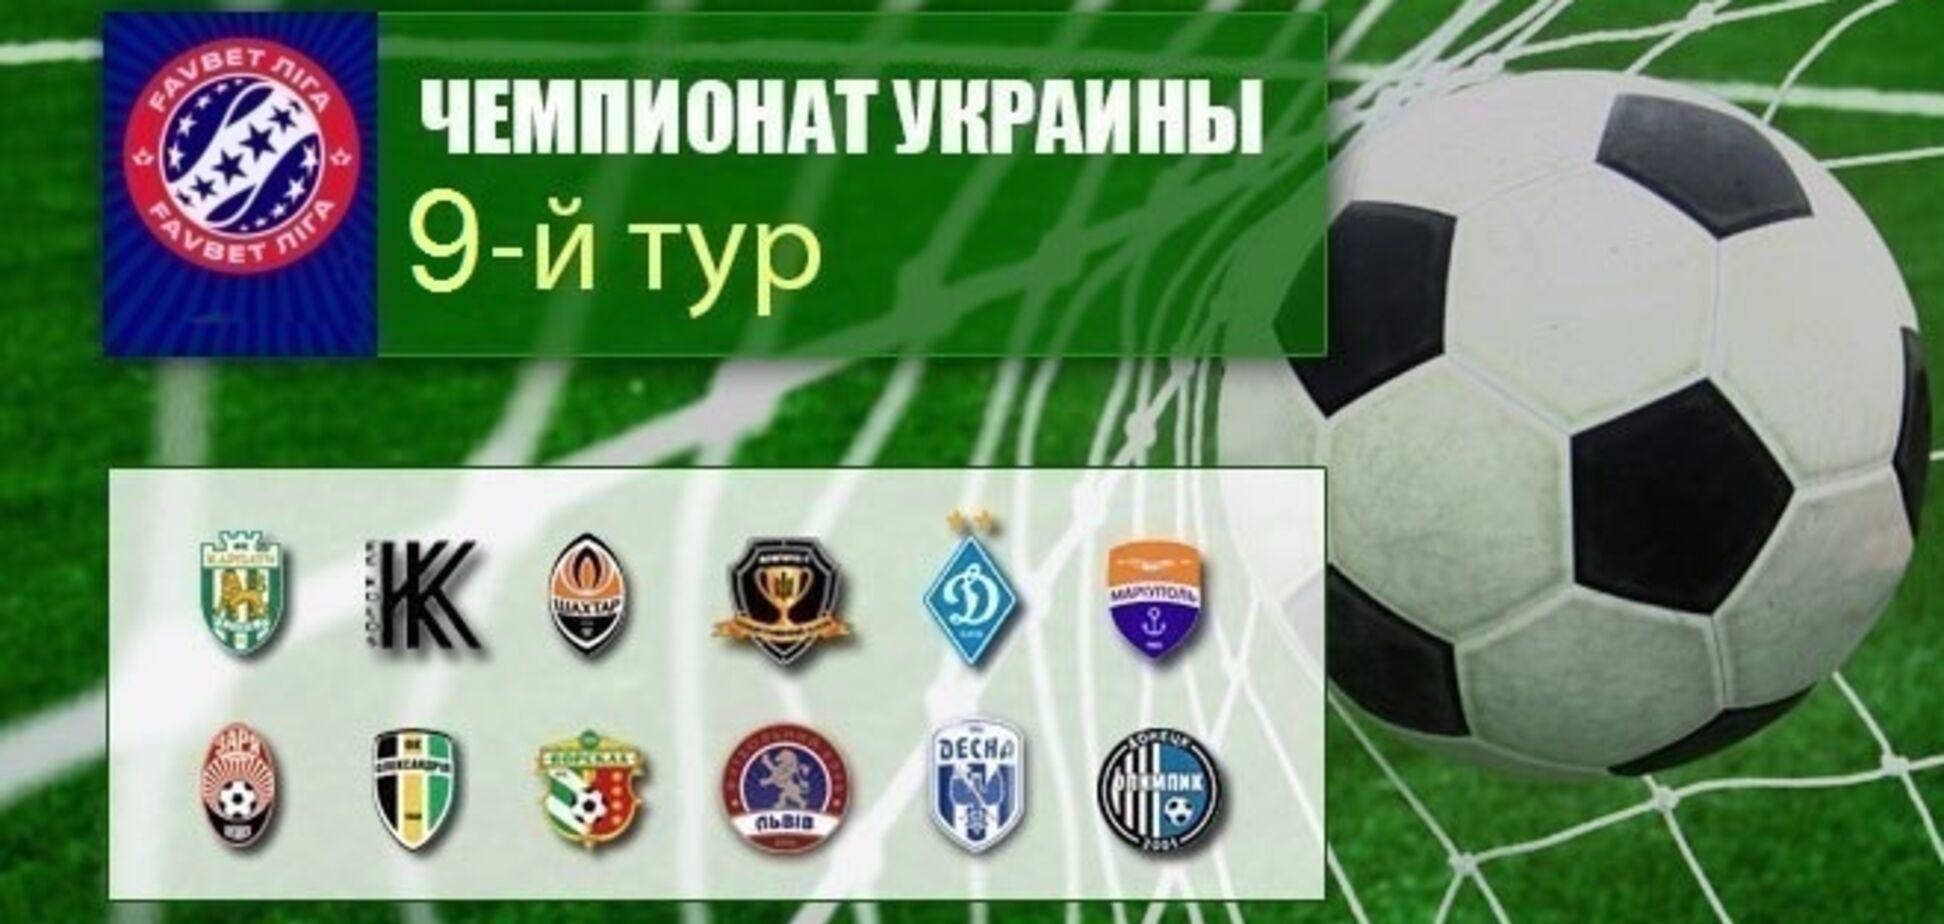 9-й тур чемпіонату України з футболу: результати, огляди, таблиця